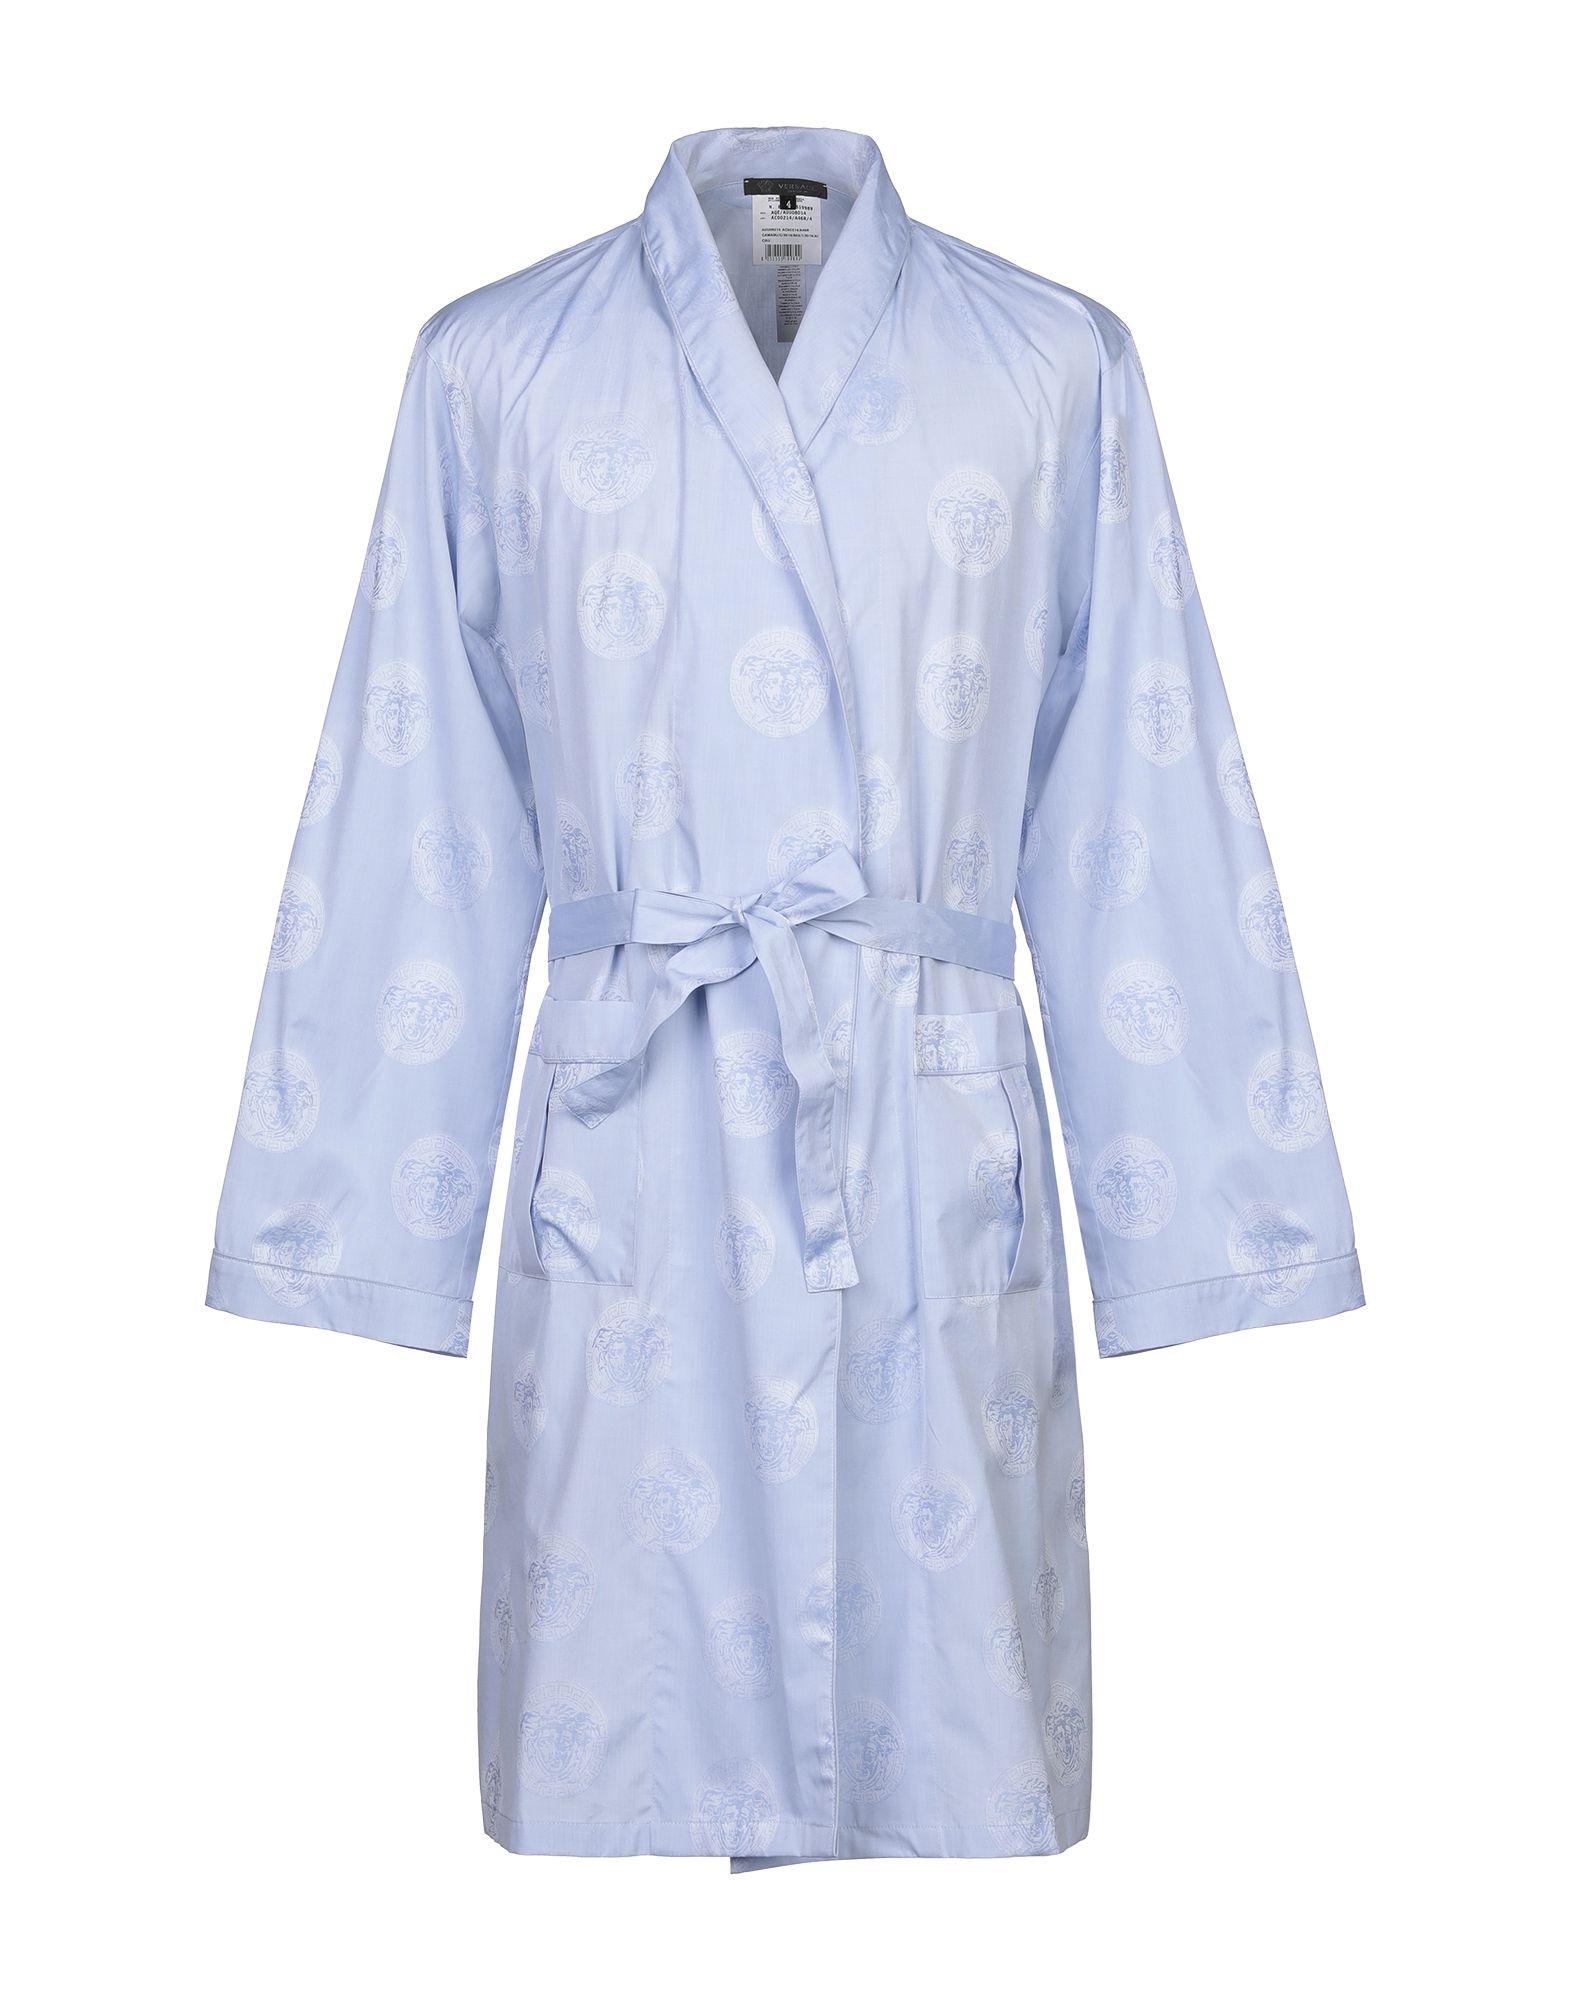 男性用 レディース バスローブ 綿100% メンズ 兼用 ルームウェア M L 【お買得価格】 ガウン ママ ローブタイプ 女性用 パイル地 バスローブ 帯巻き